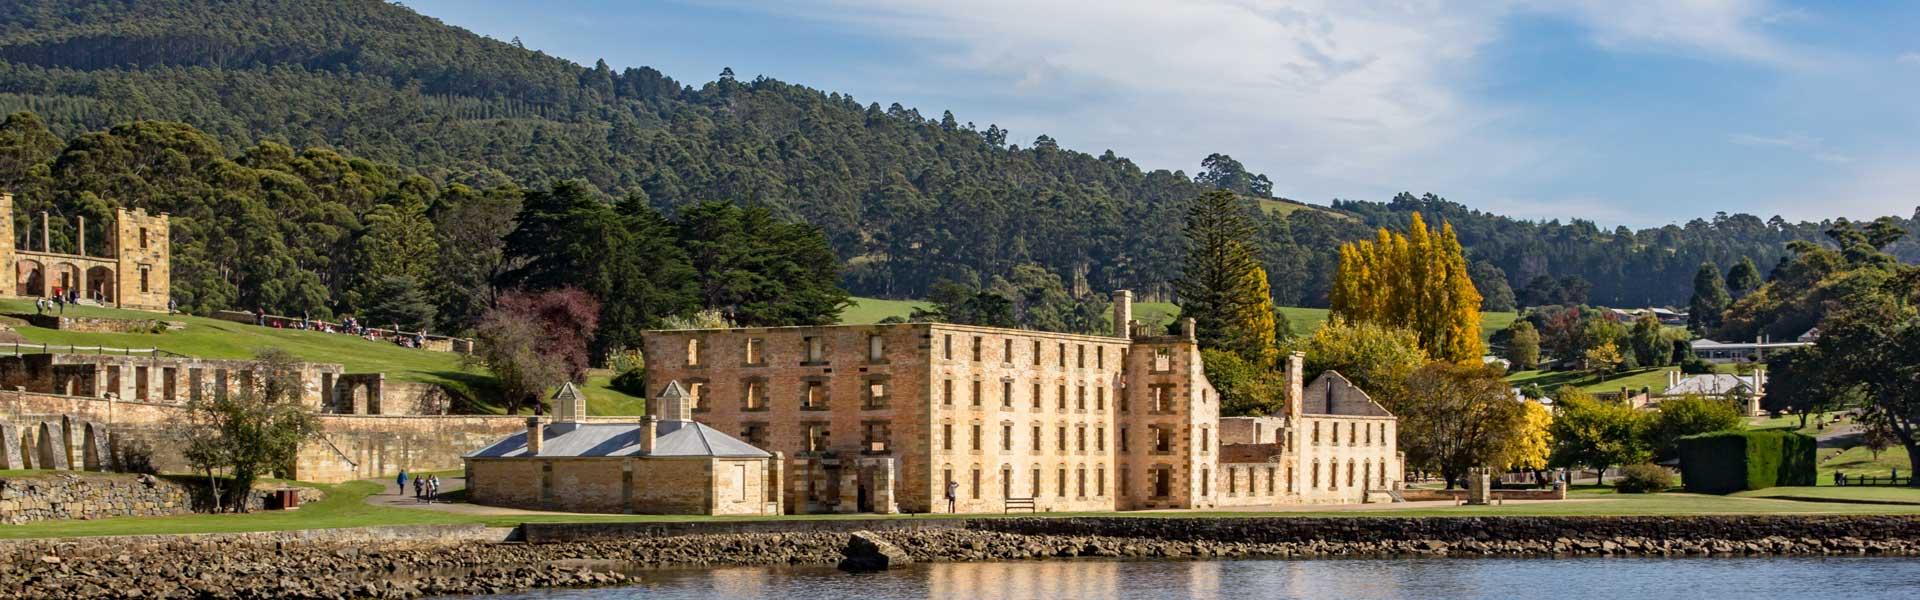 Tasmania Optional Tour